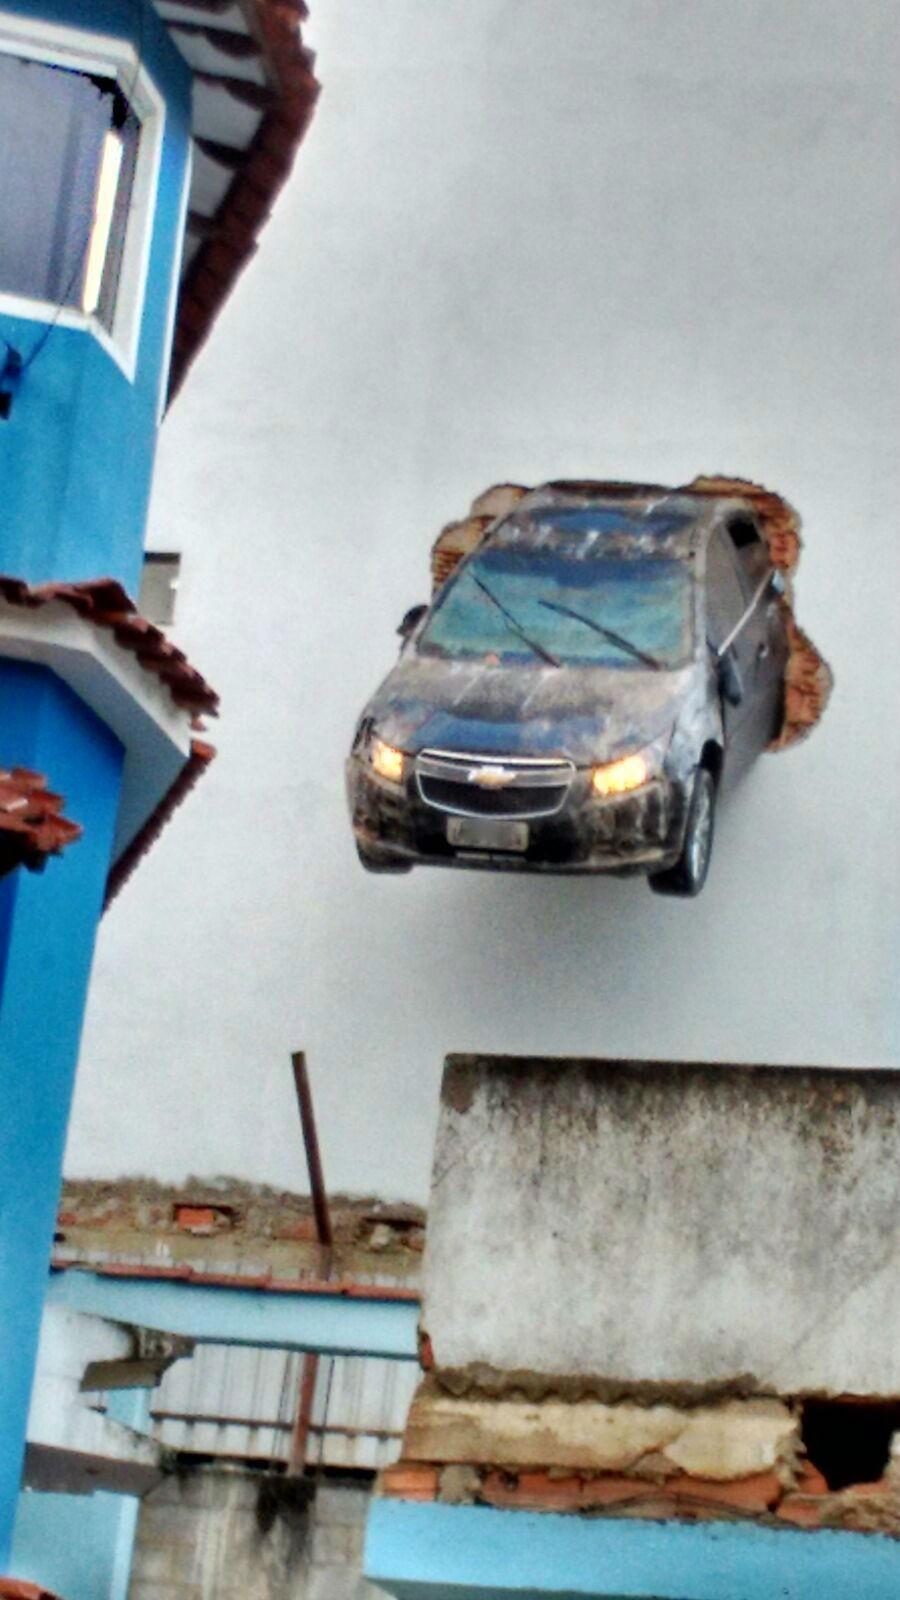 Motorista acelera em garagem e carro fica pendurado, em Colatina